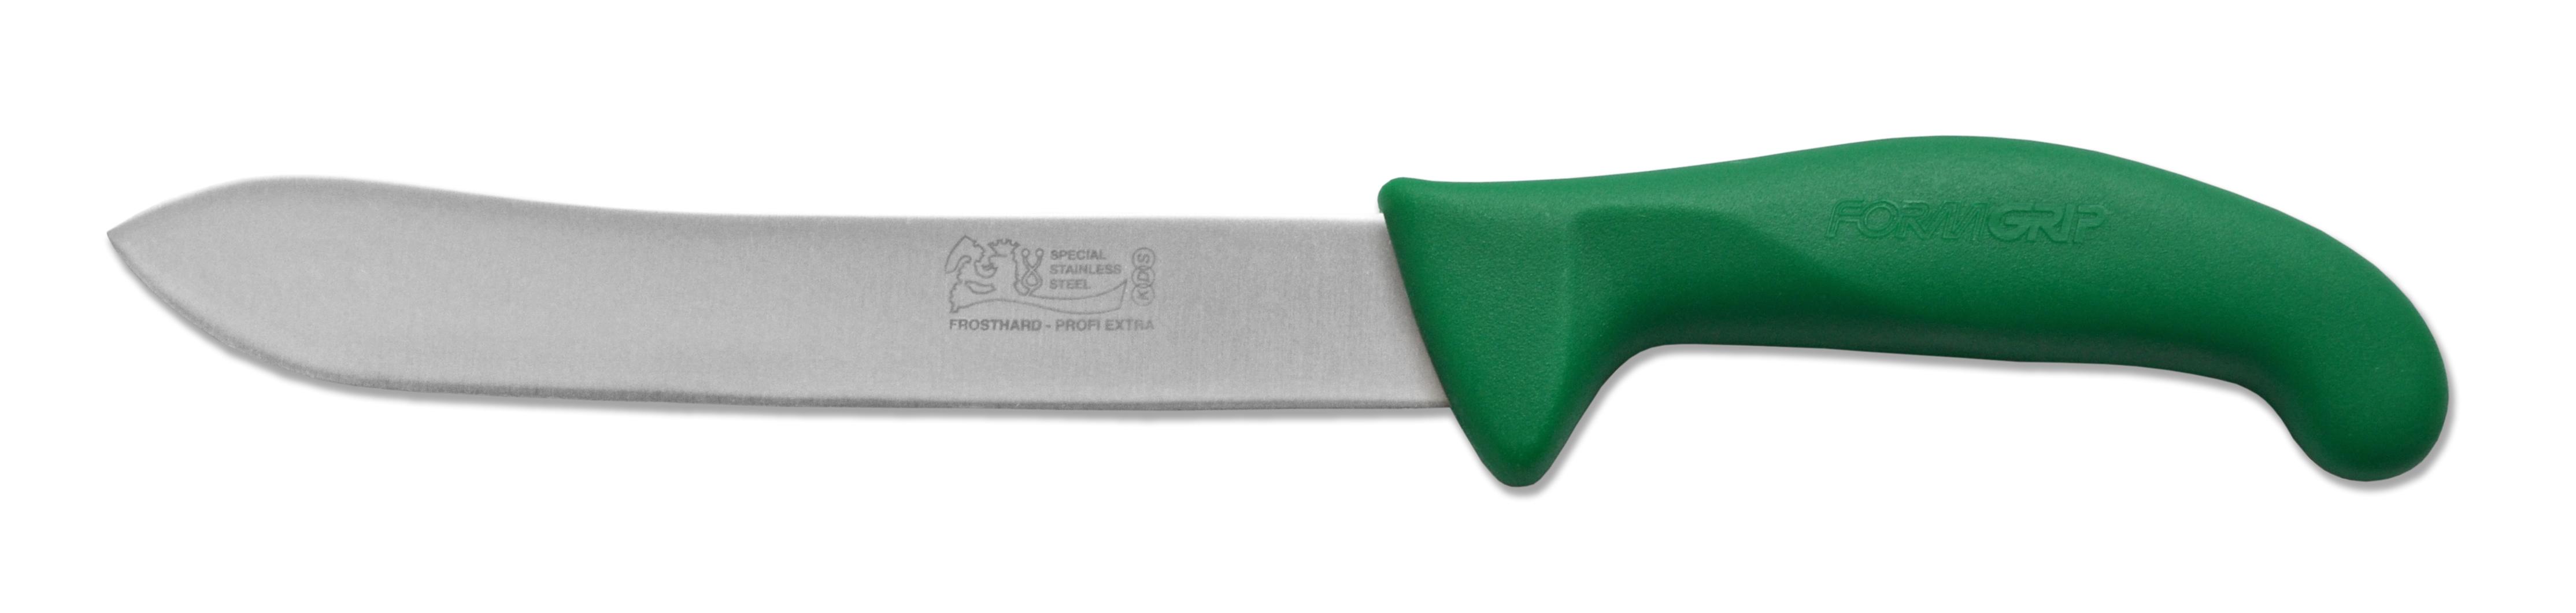 Nůž řeznický špalkový 8 - Frosthard